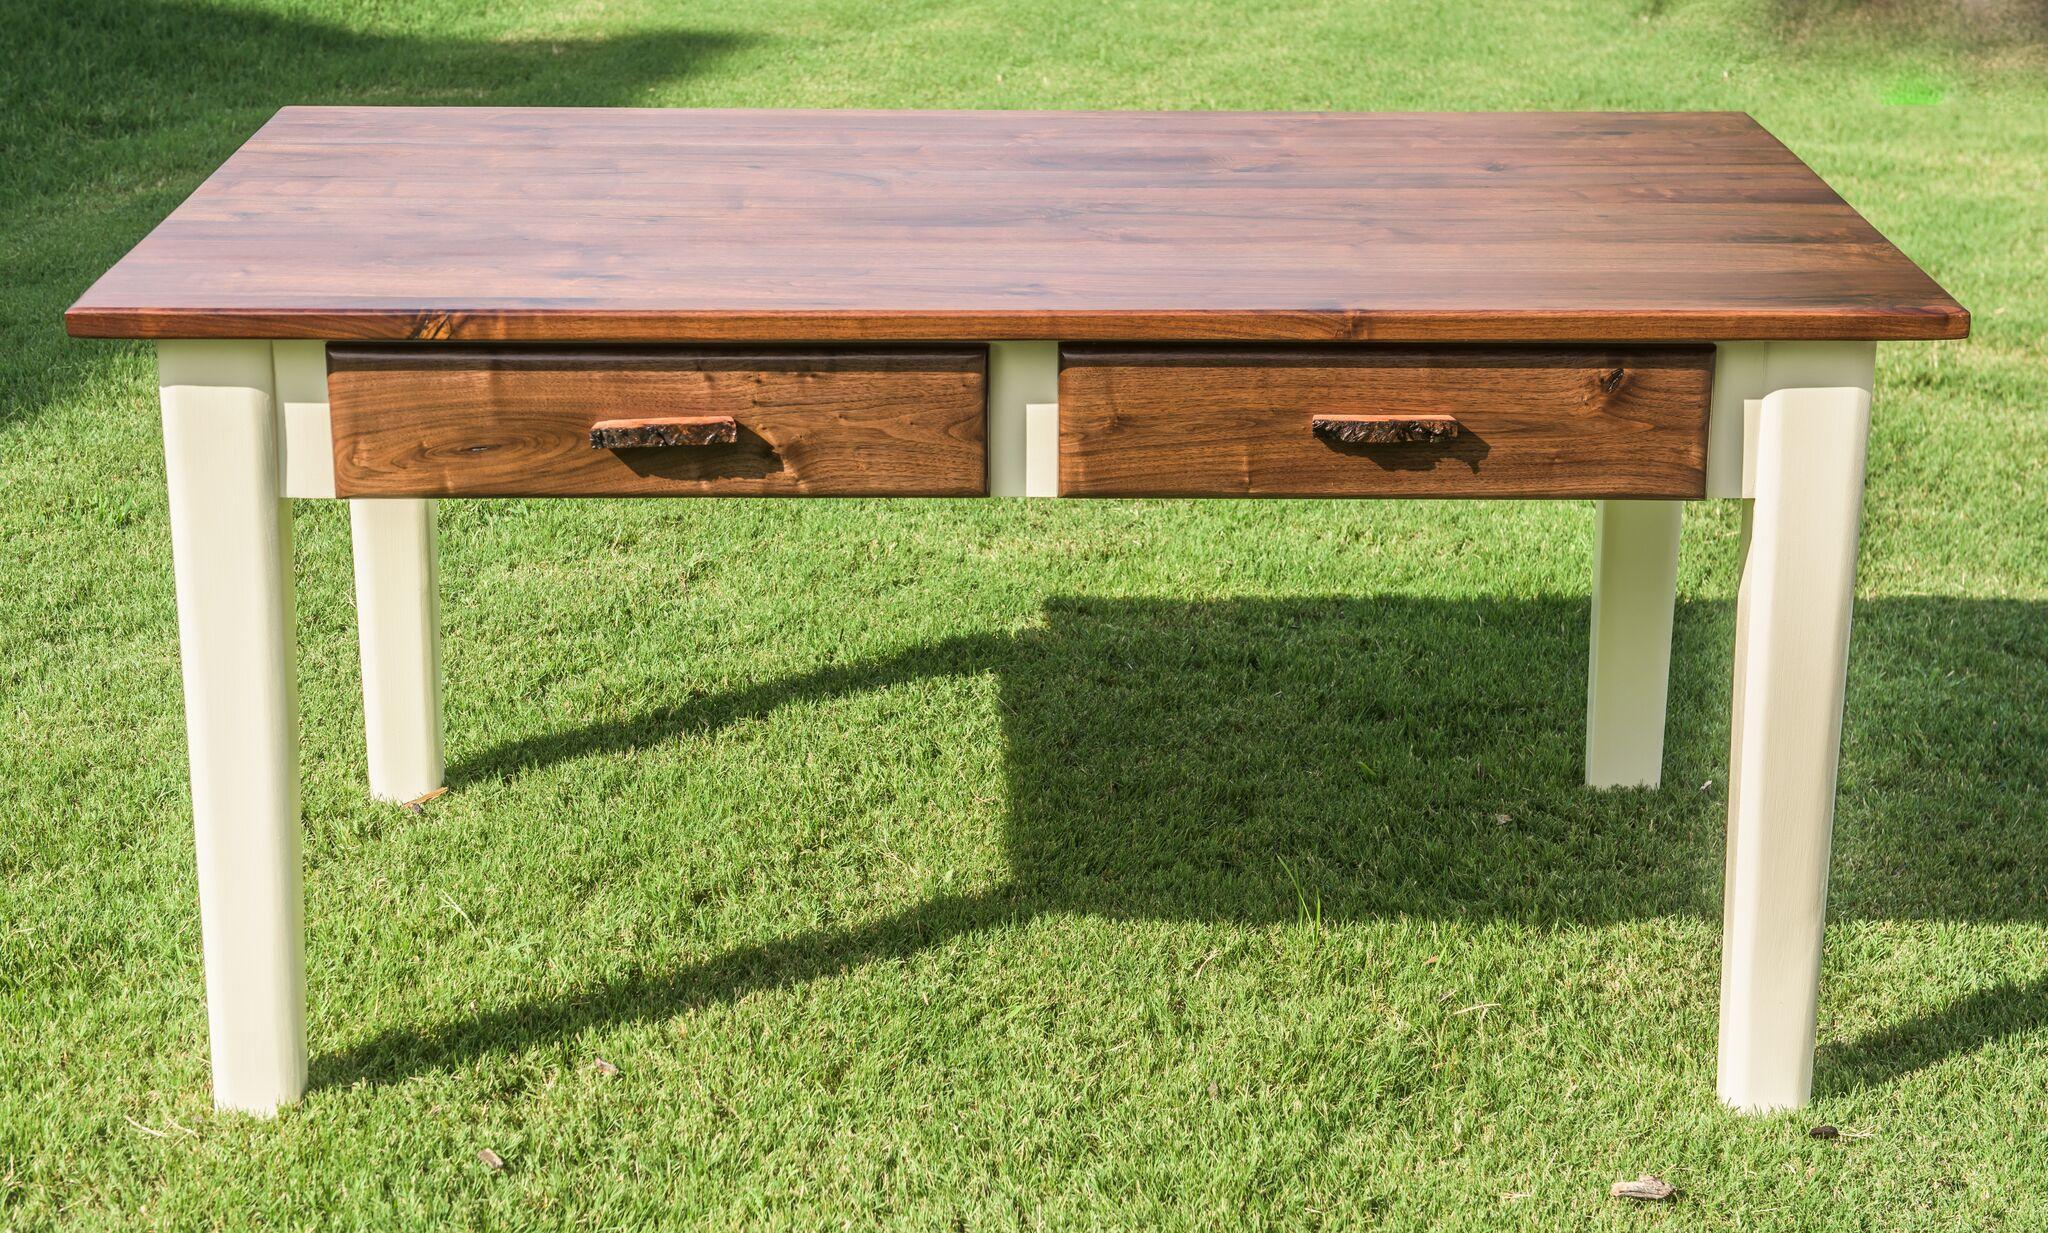 tomala furniture in waxhaw nc 28173